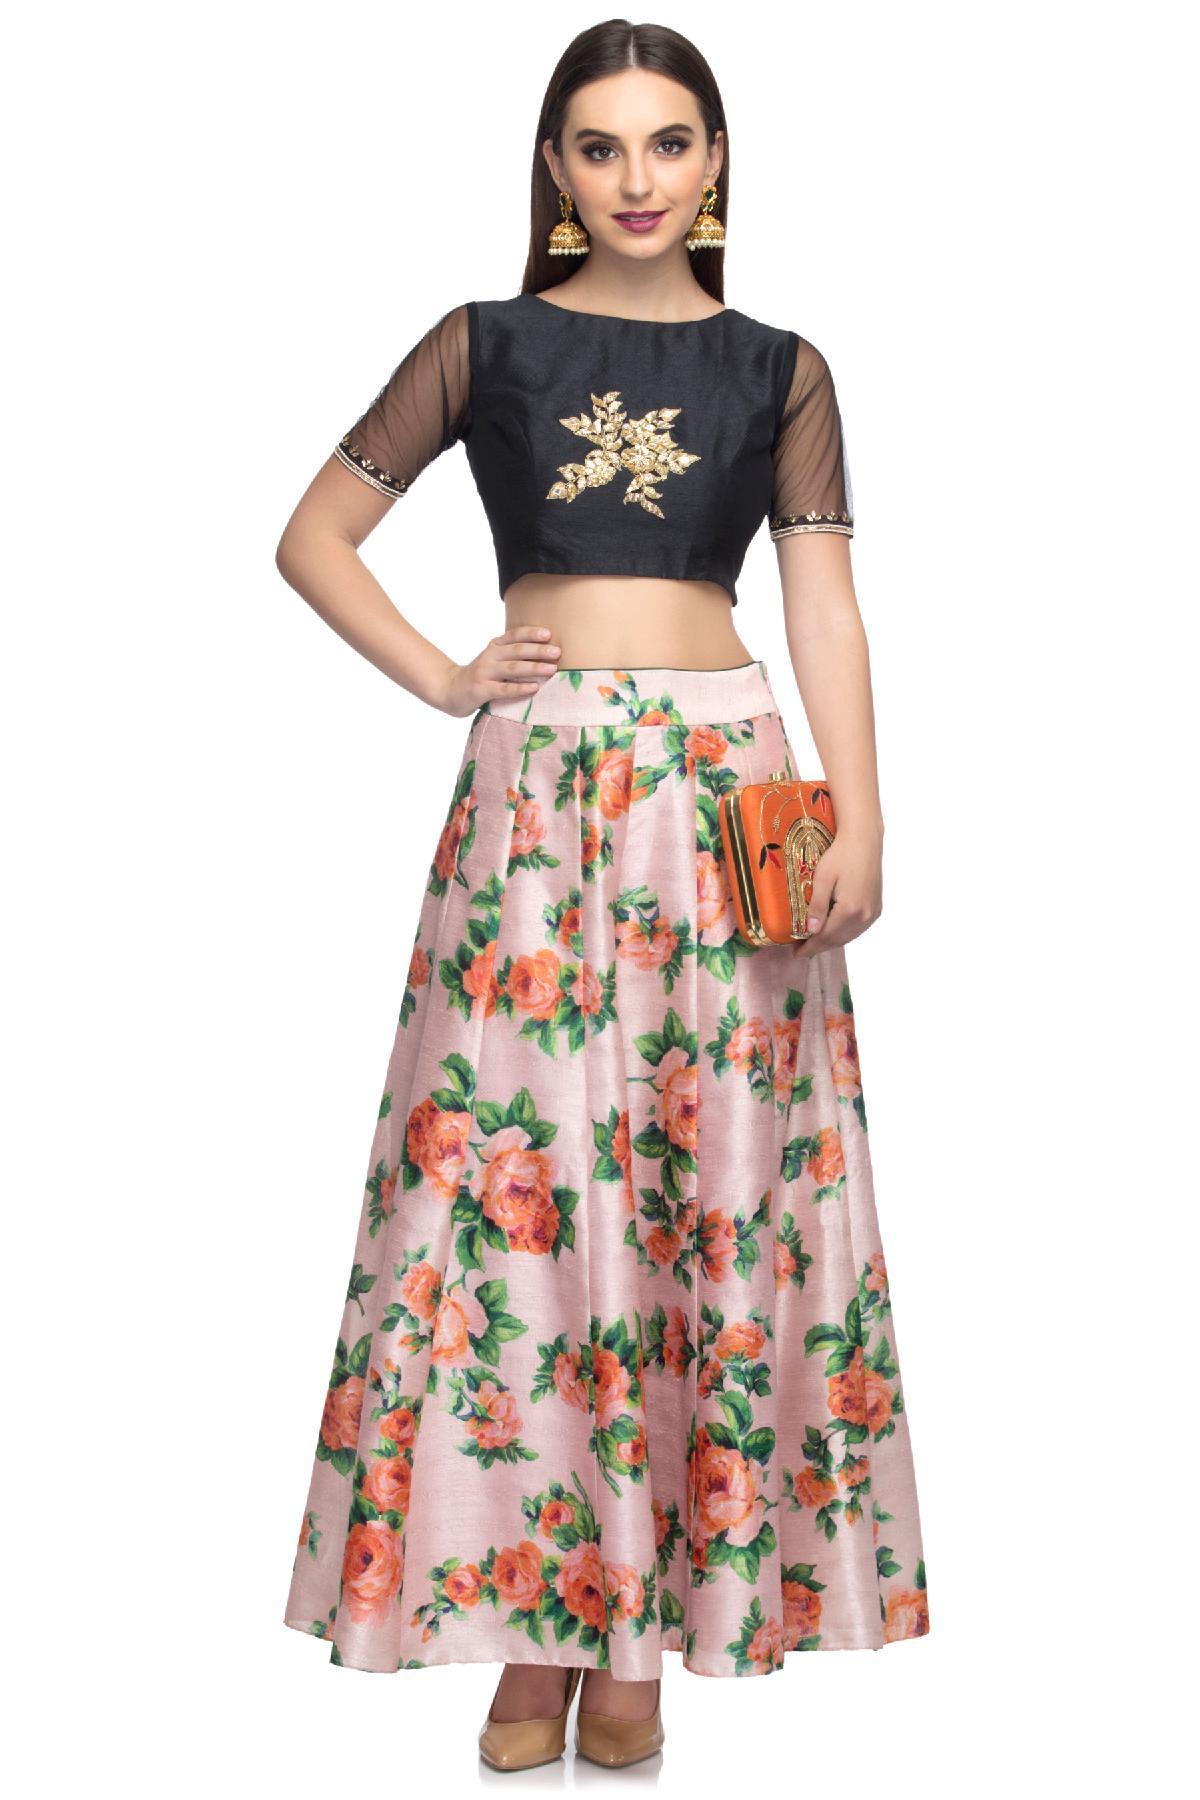 bc910dfac05f7 Lavender   Black Floral Skirt crop top by Ayanaansh by Mayanka Gupta ...